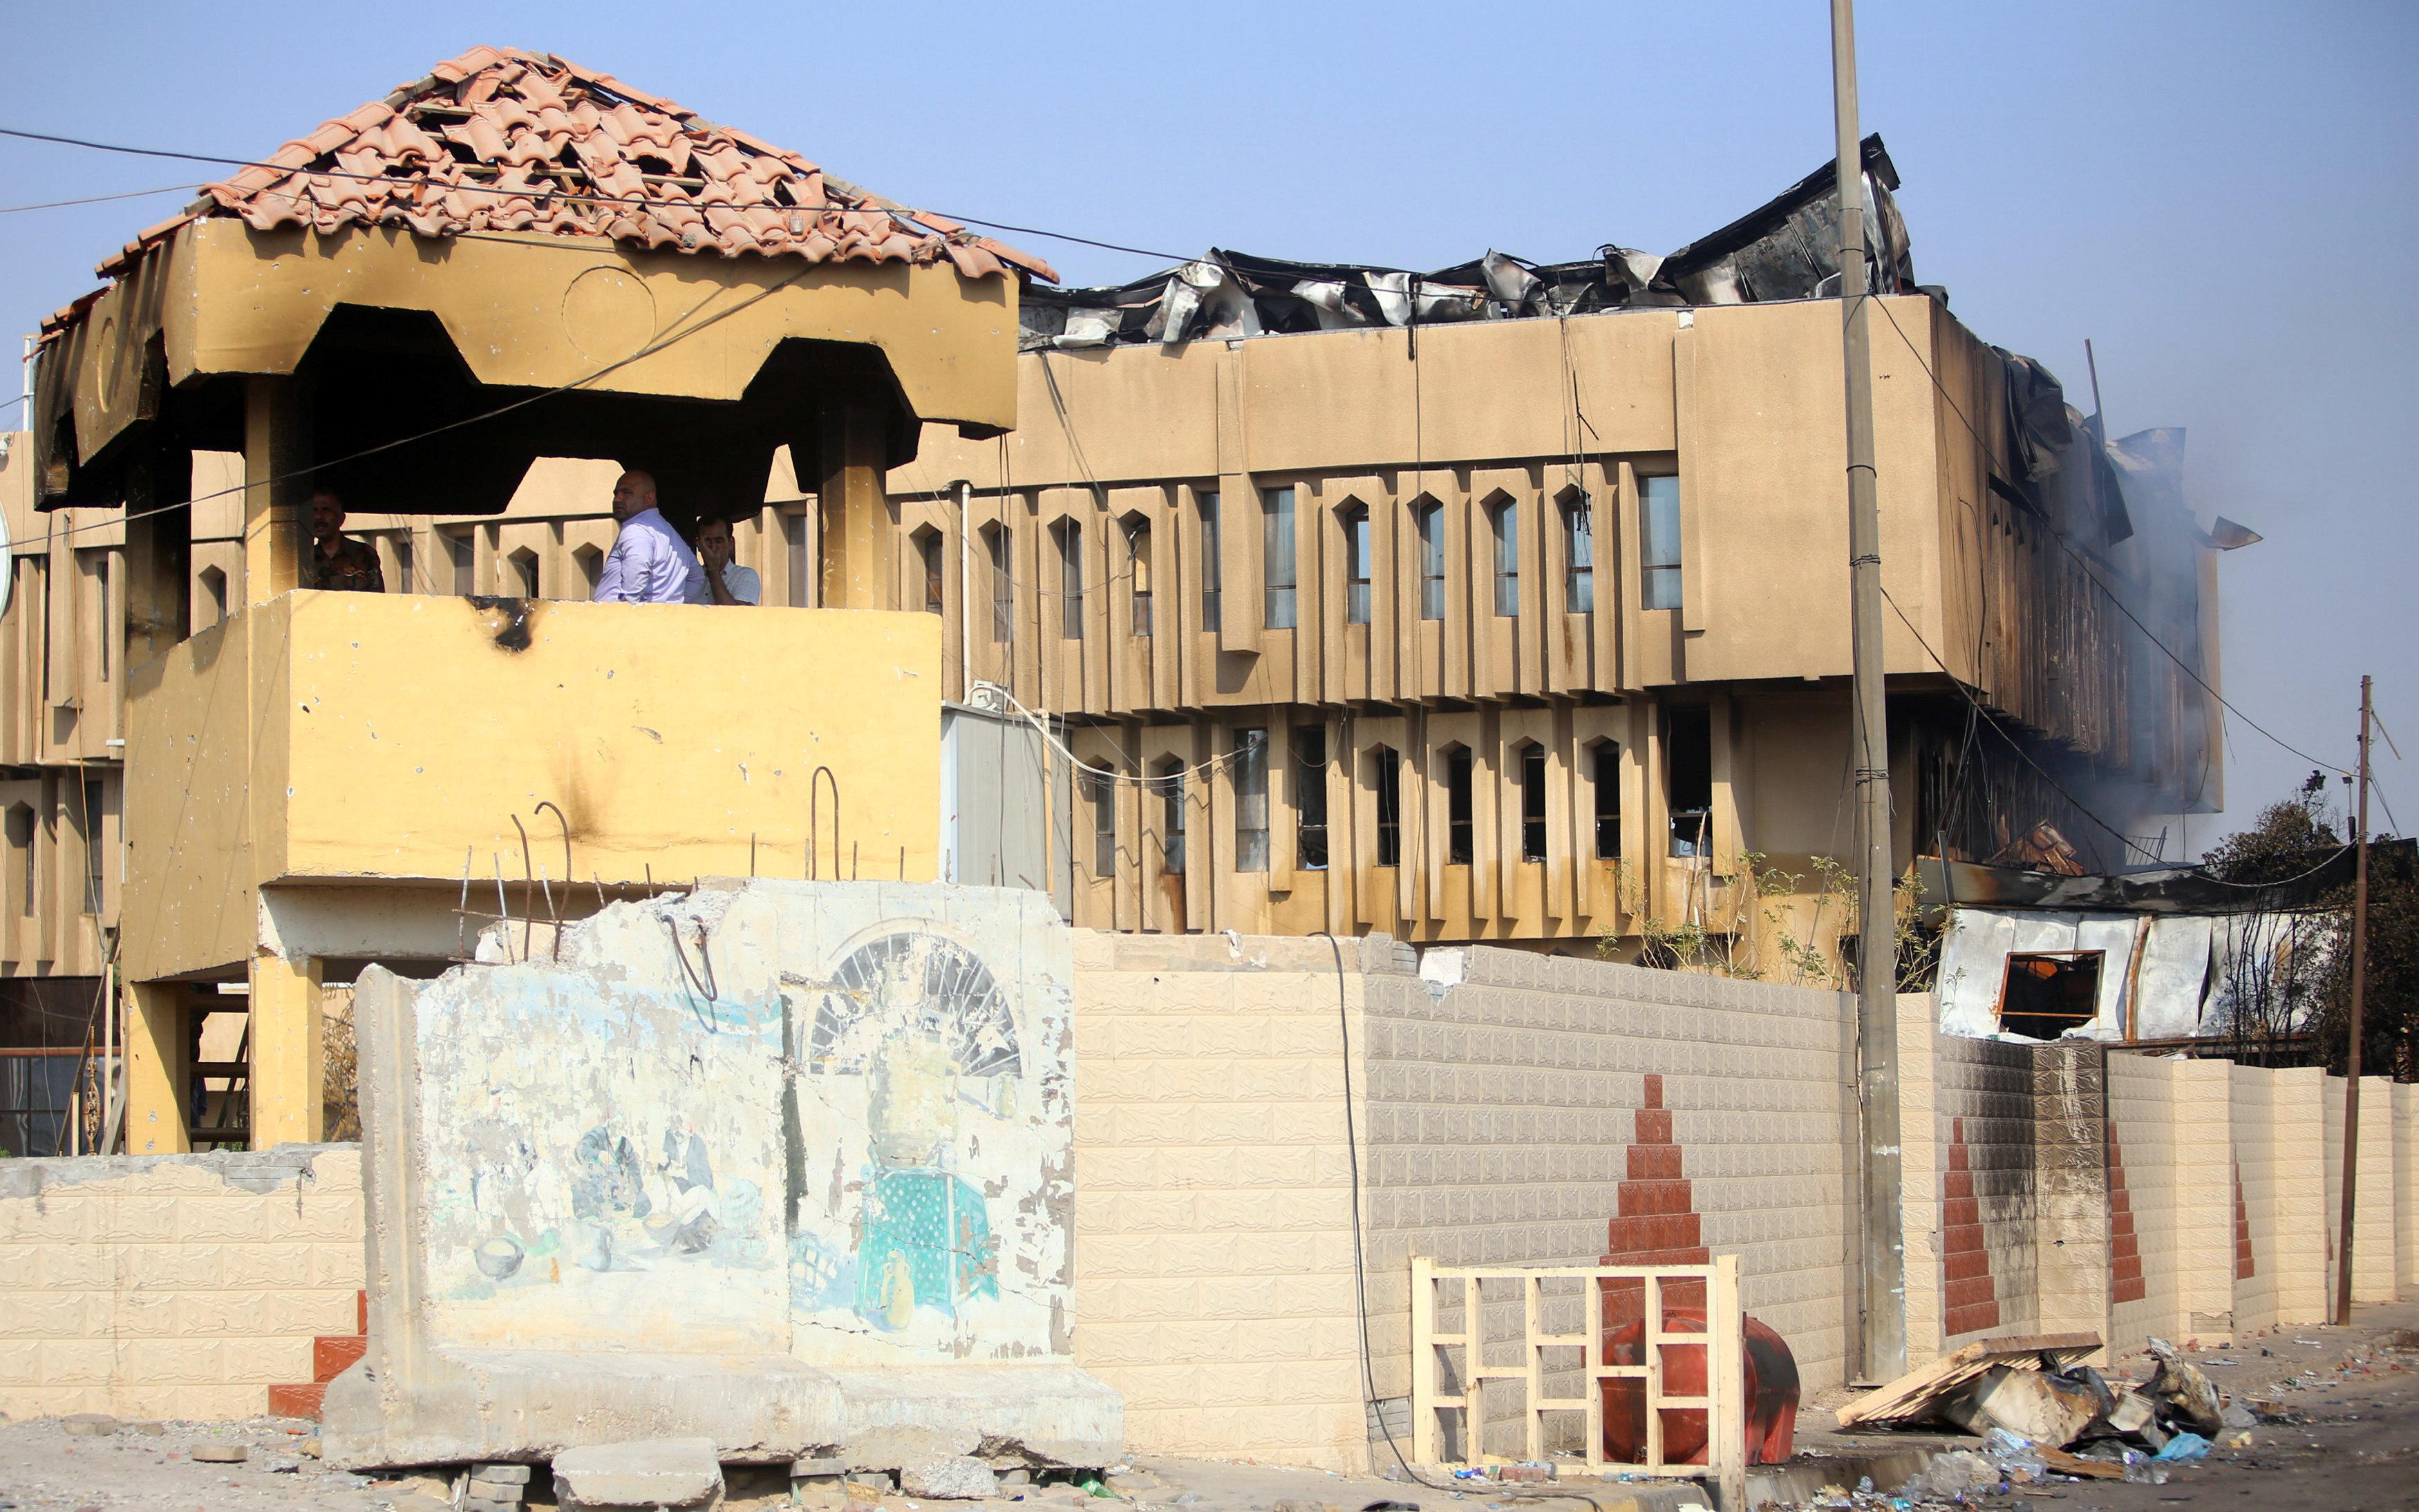 المبانى والمصالح الحكومية معطلة بالبصرة بسبب التظاهرات